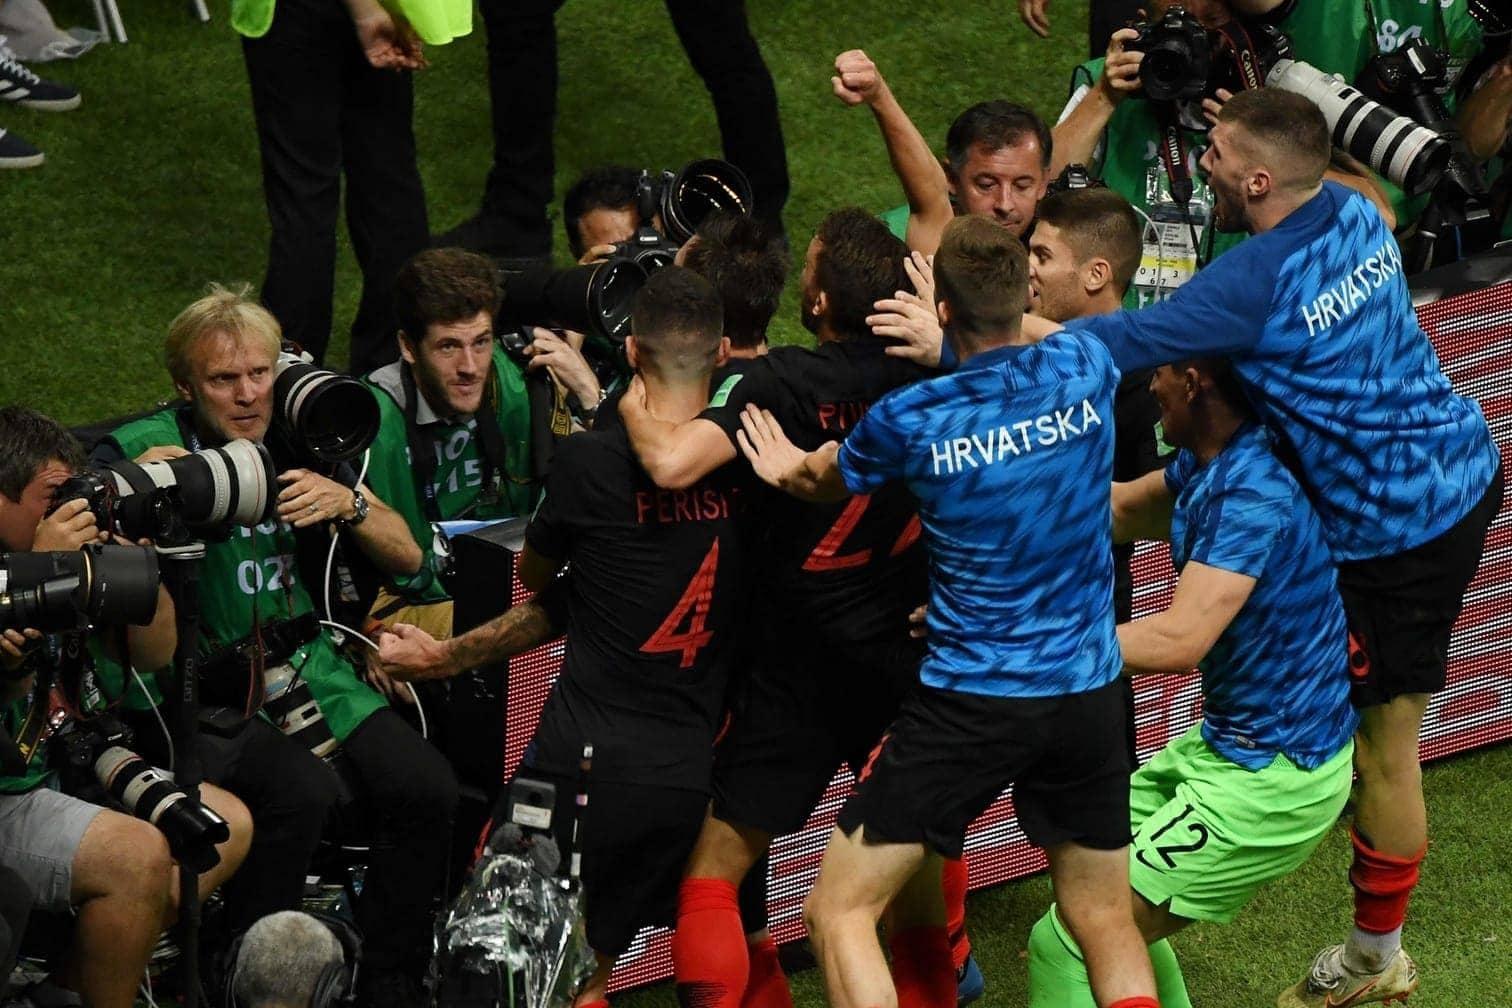 <p>Noch jubeln die Kraten brav vor den Fotografen...</p> Foto: AFP